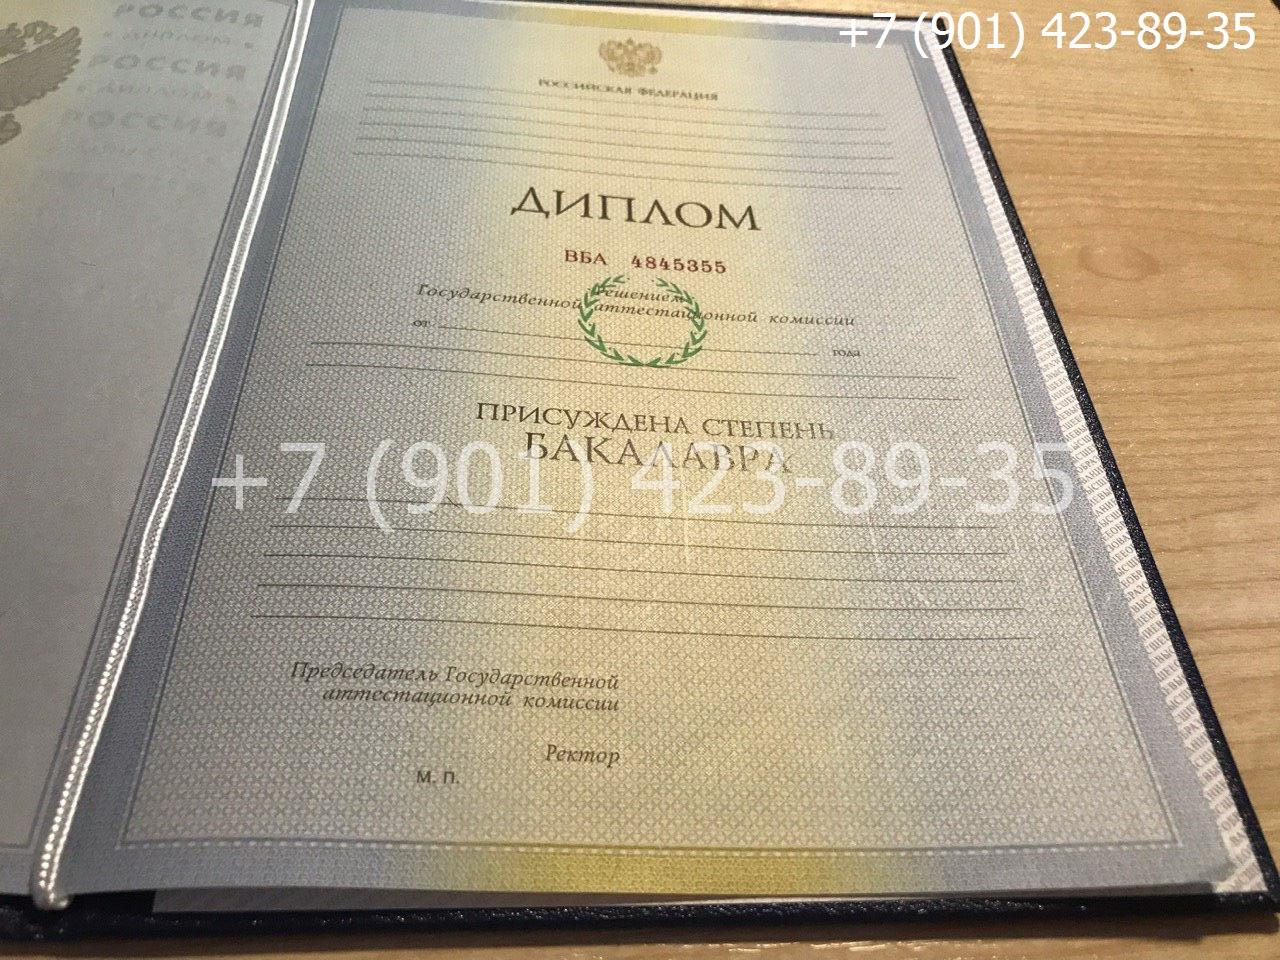 Диплом бакалавра 2010-2011 годов, старого образца, титульный лист